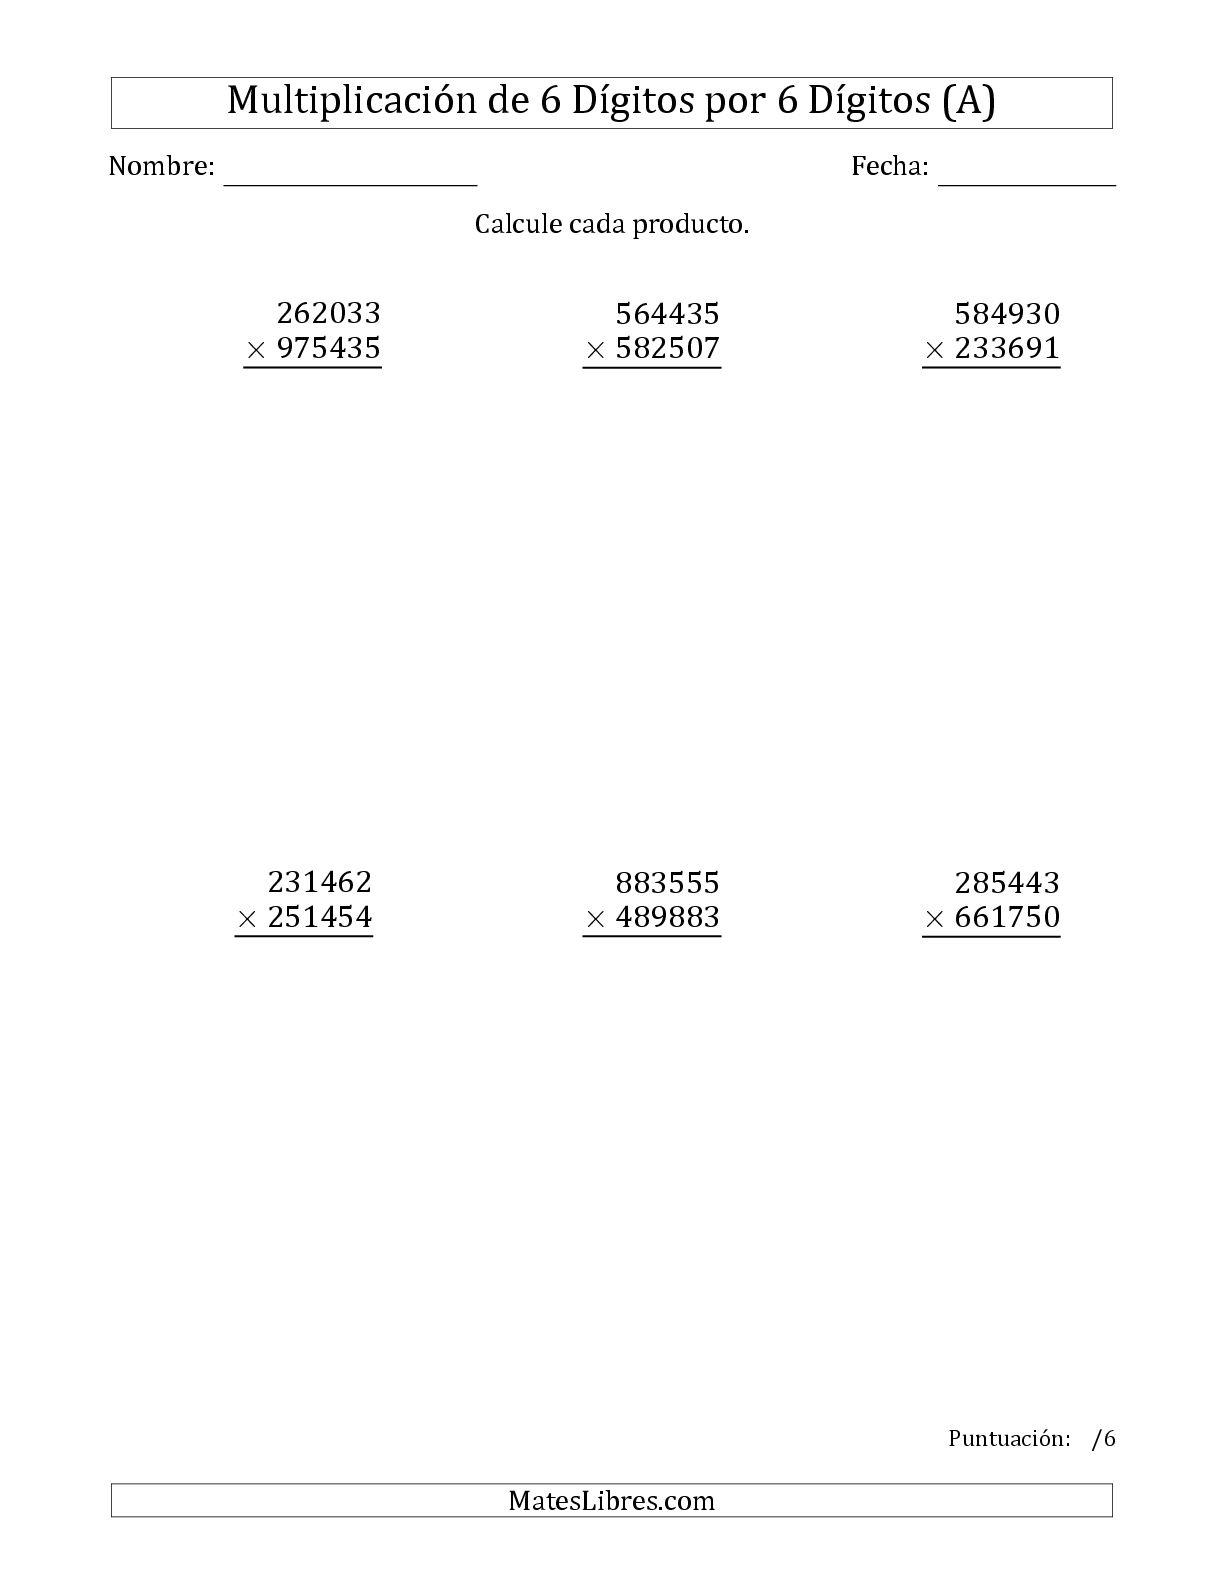 La Multiplicar Números de 6 Dígitos por 6 Dígitos (A) Hoja de Ejercicio de Multiplicación Larga